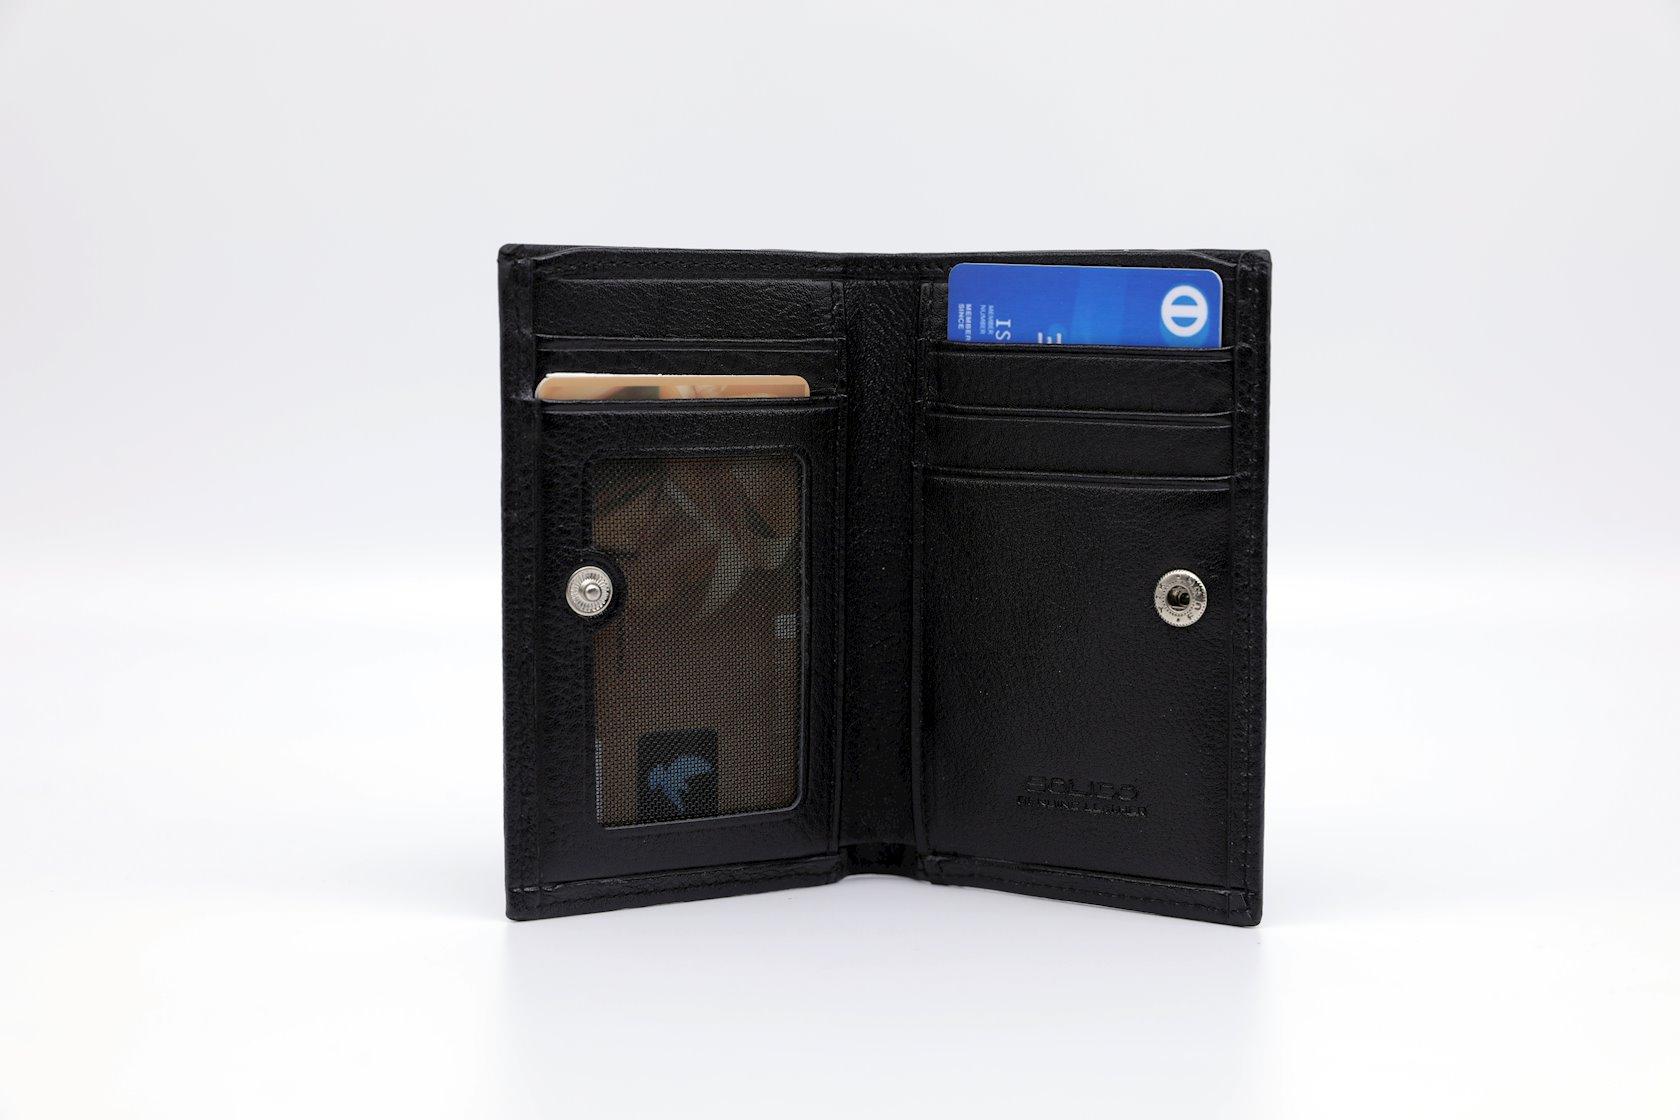 Kredit kartları qabı Solido SU-301.1 qara,naxışsız